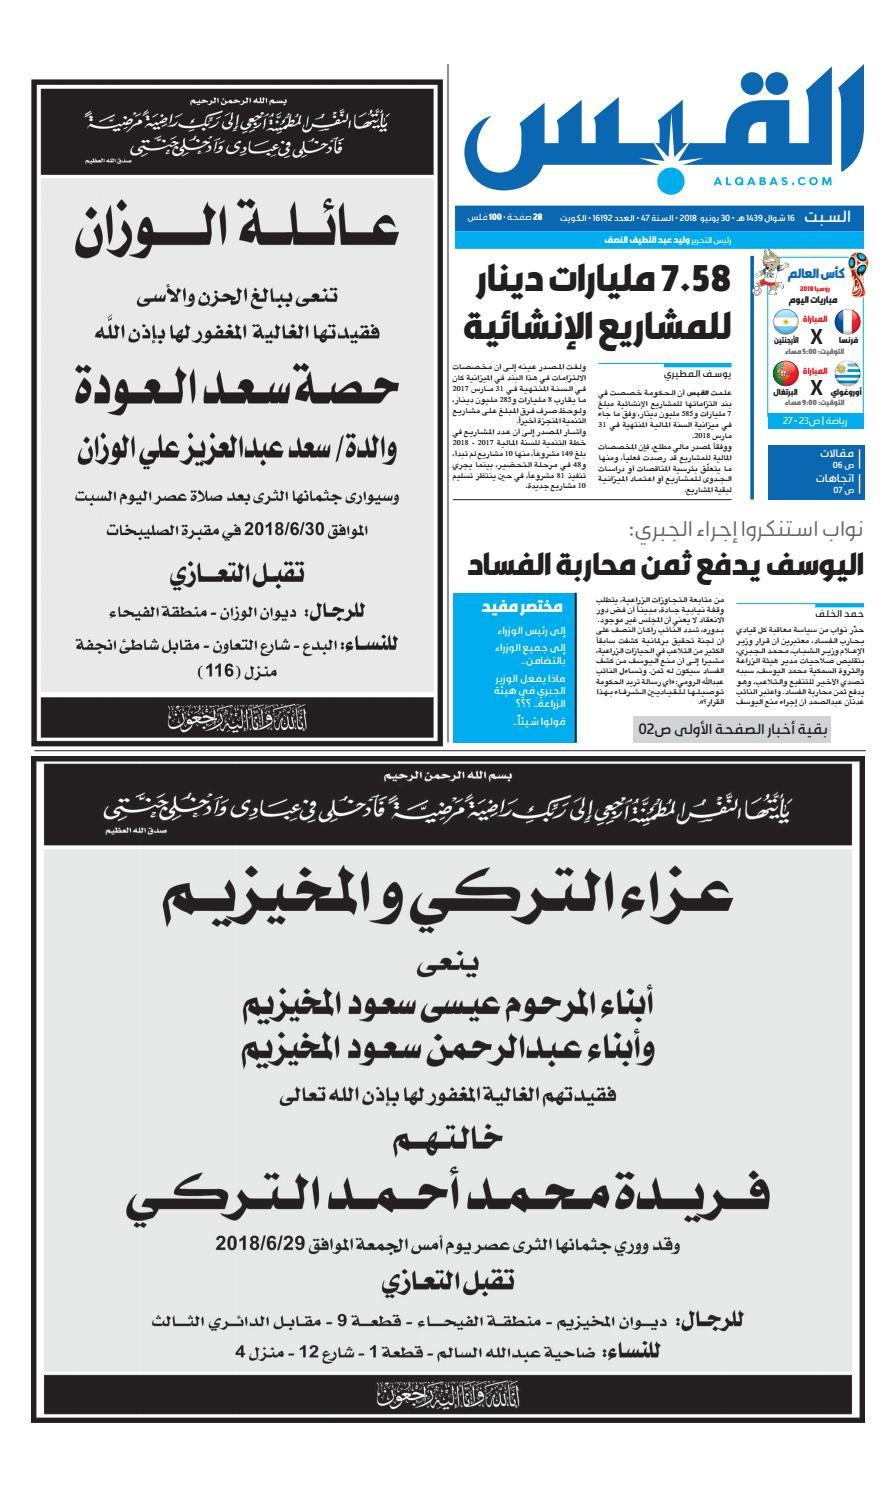 القبس عدد السبت 15 يونيو 15 by AlQabas   issuu